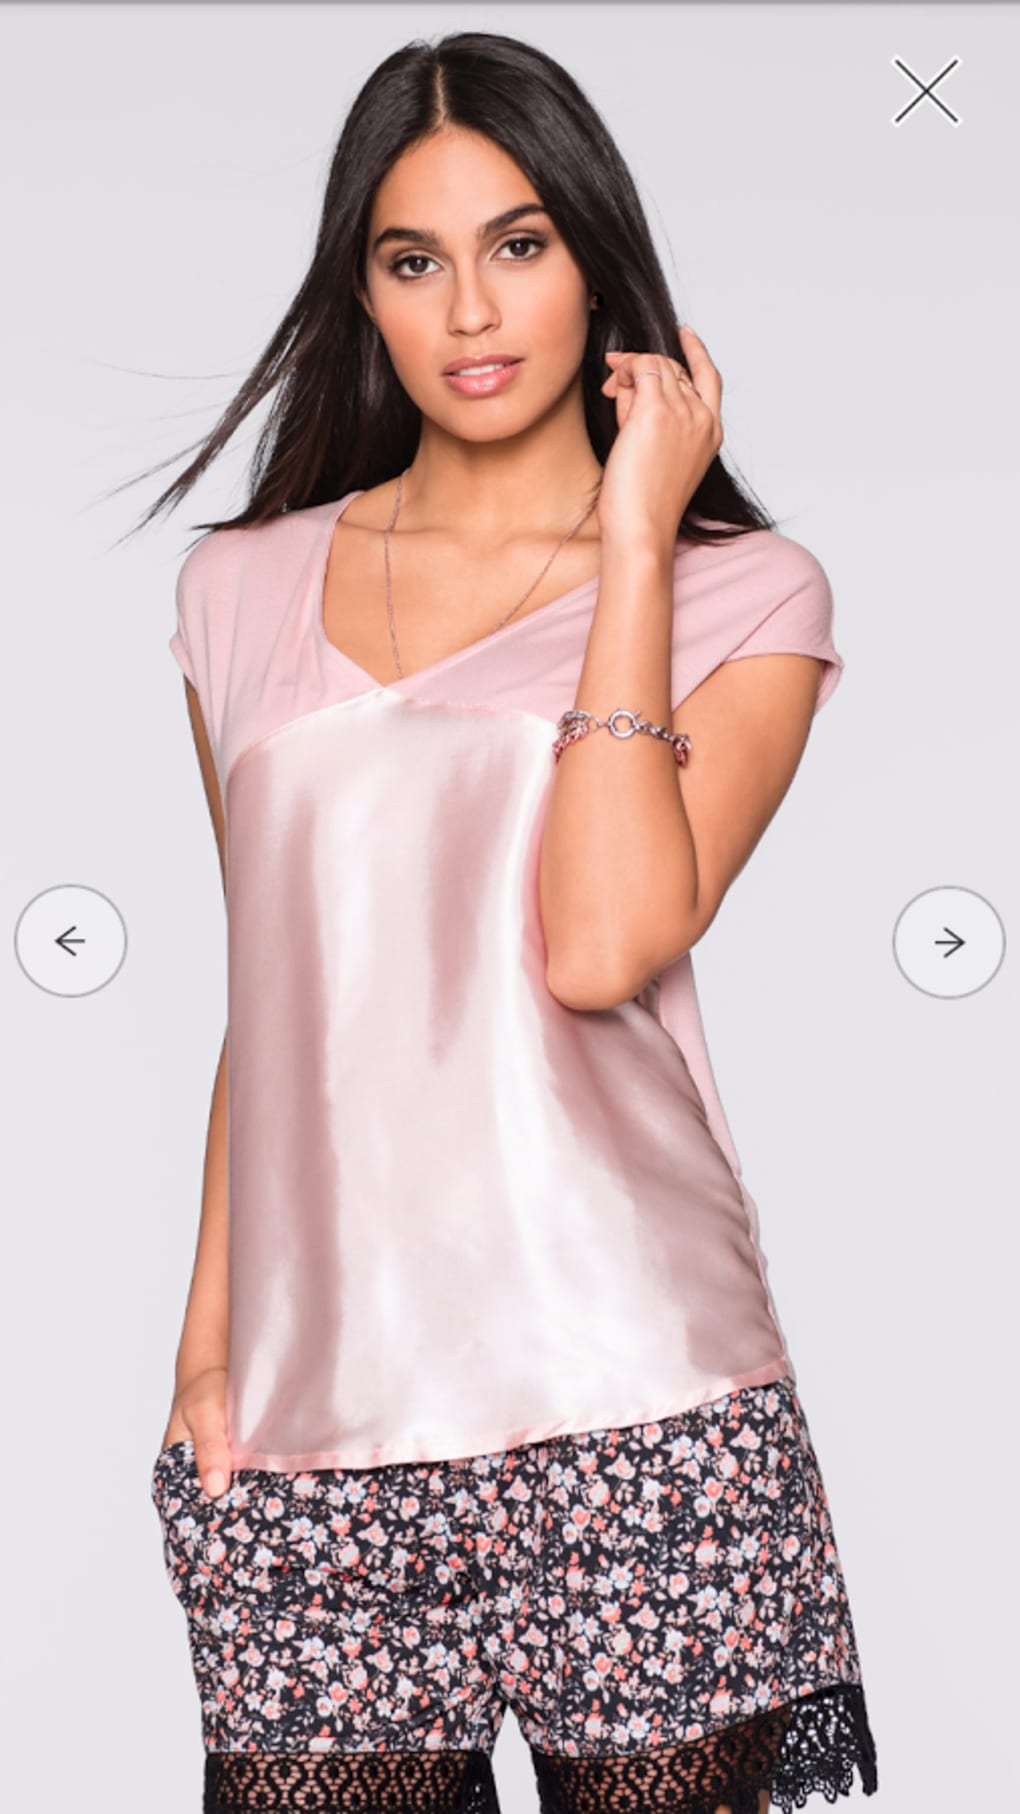 Bonprix Katalog Online : bonprix la tua moda online per android download ~ Watch28wear.com Haus und Dekorationen